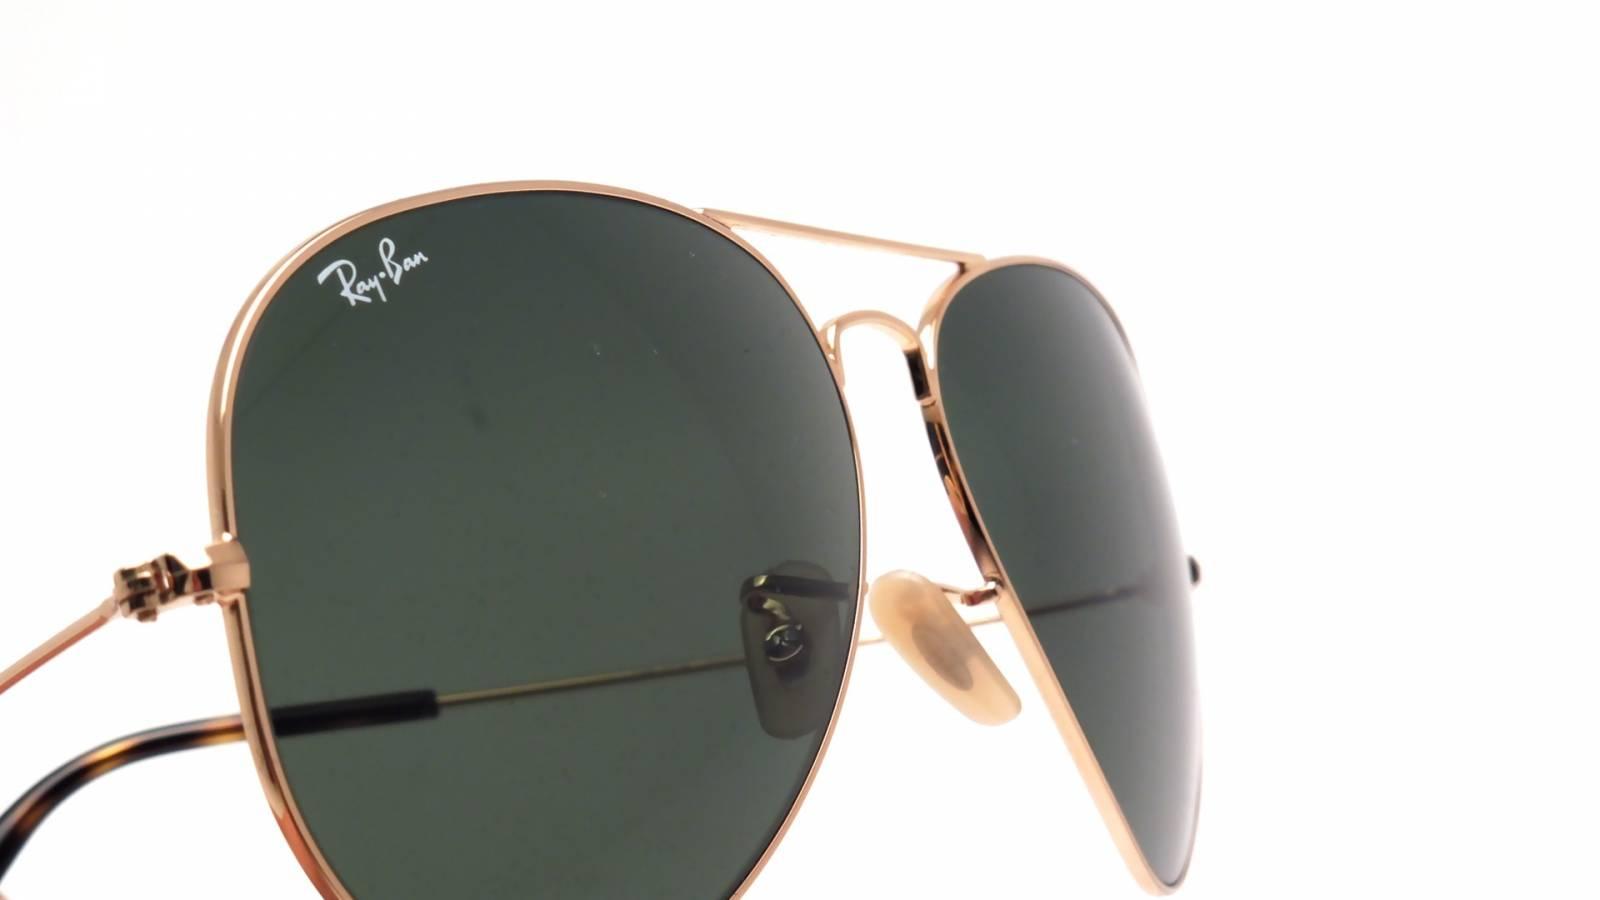 Acheter des lunettes de soleil Ray-Ban au Havre - Opticien pour l ... 7fabe1fa6754